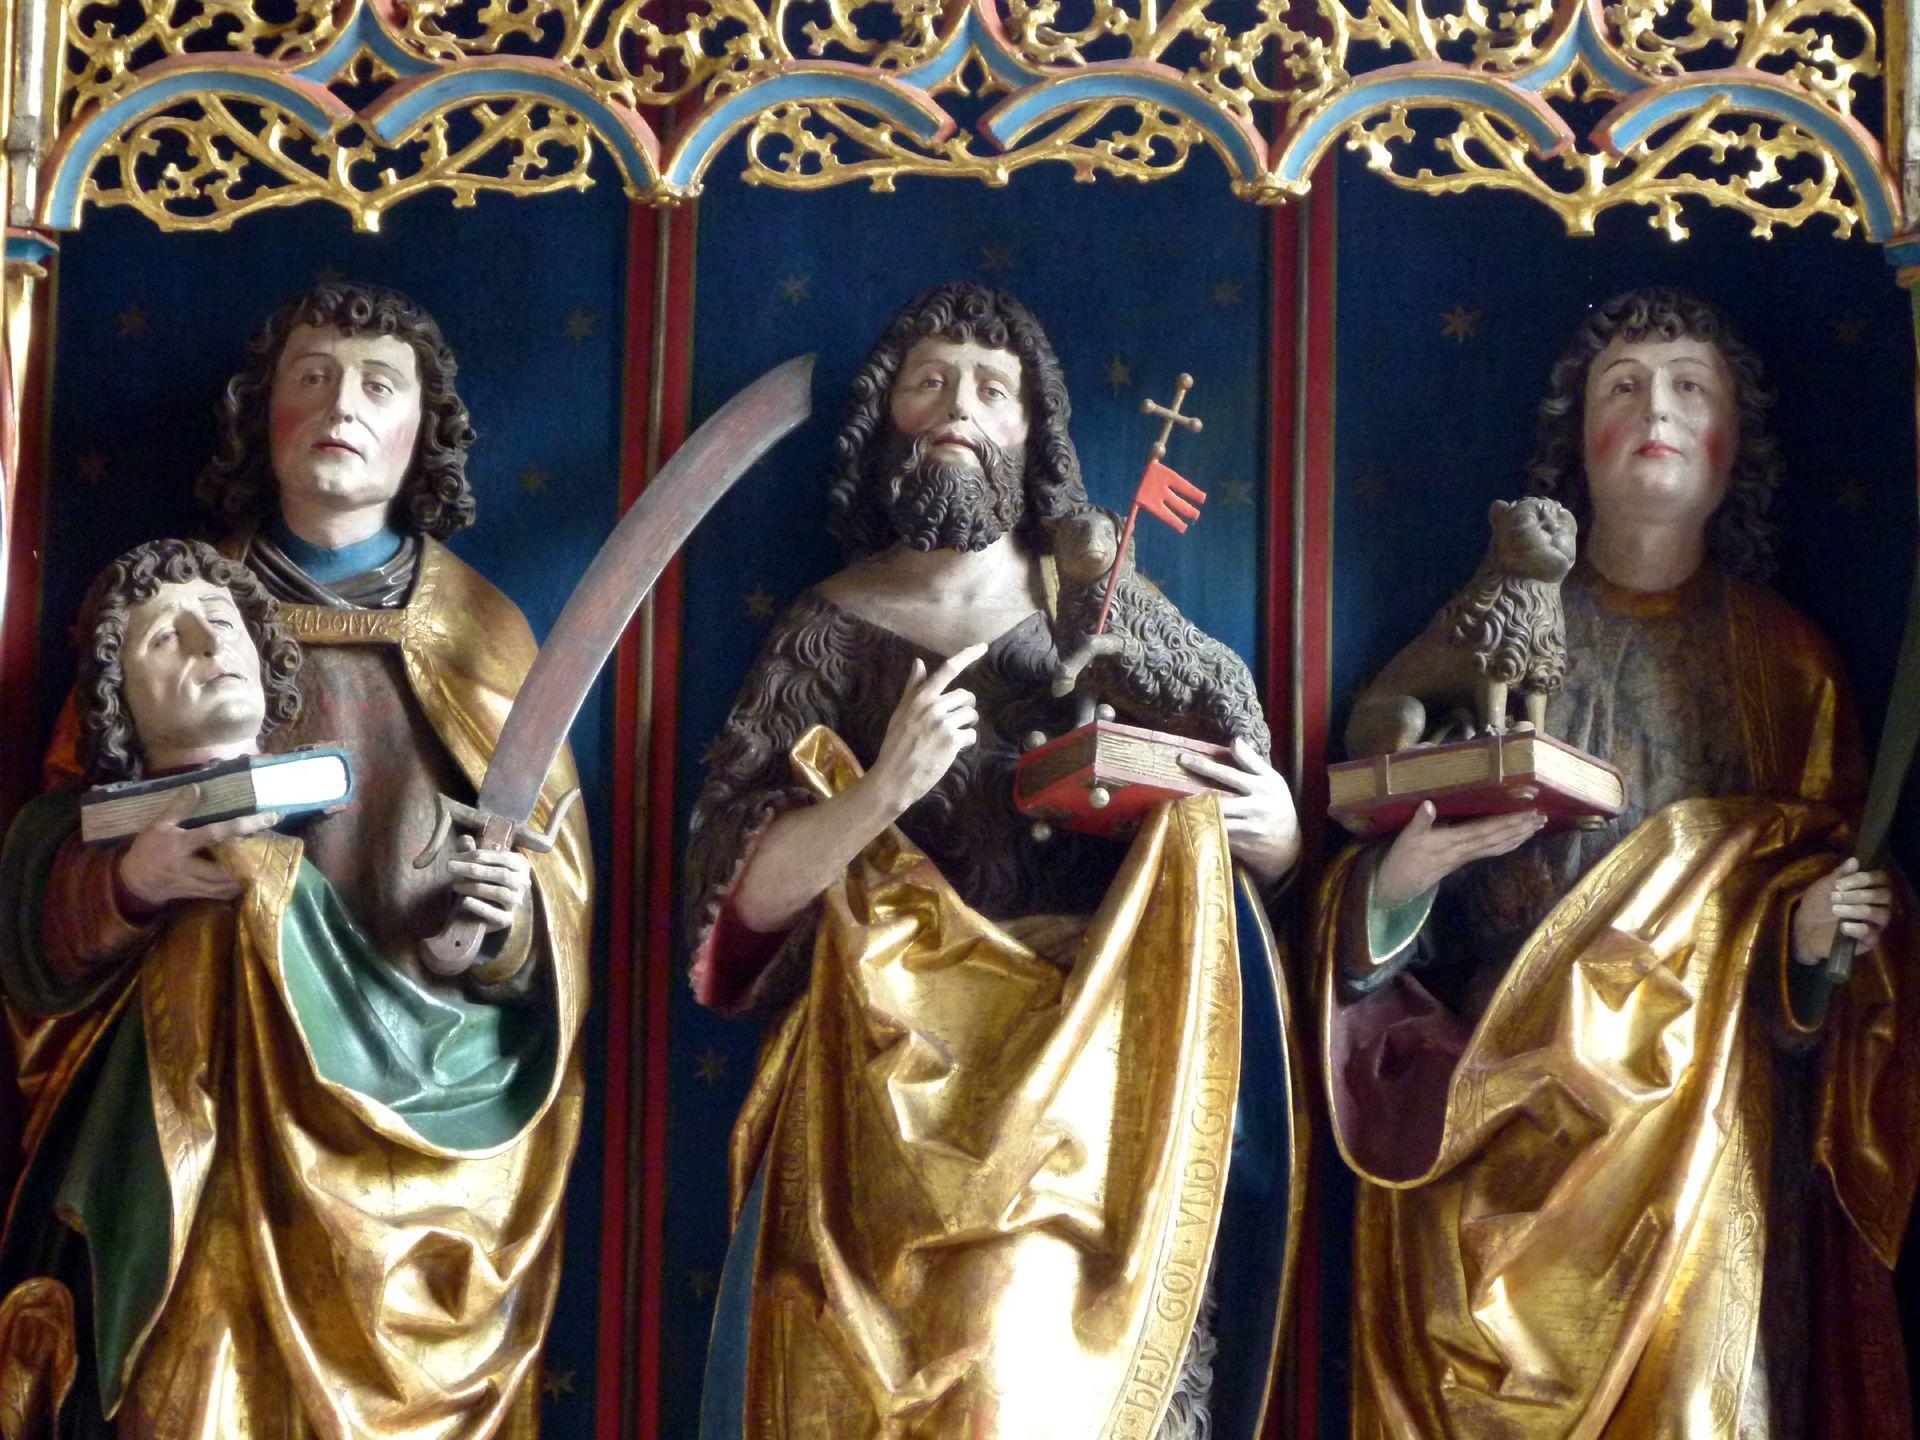 Gutenstettener Altar Altarschrein: von l. nach r.: Dionisius, Johannes d. T. und Cyriakus, Detail